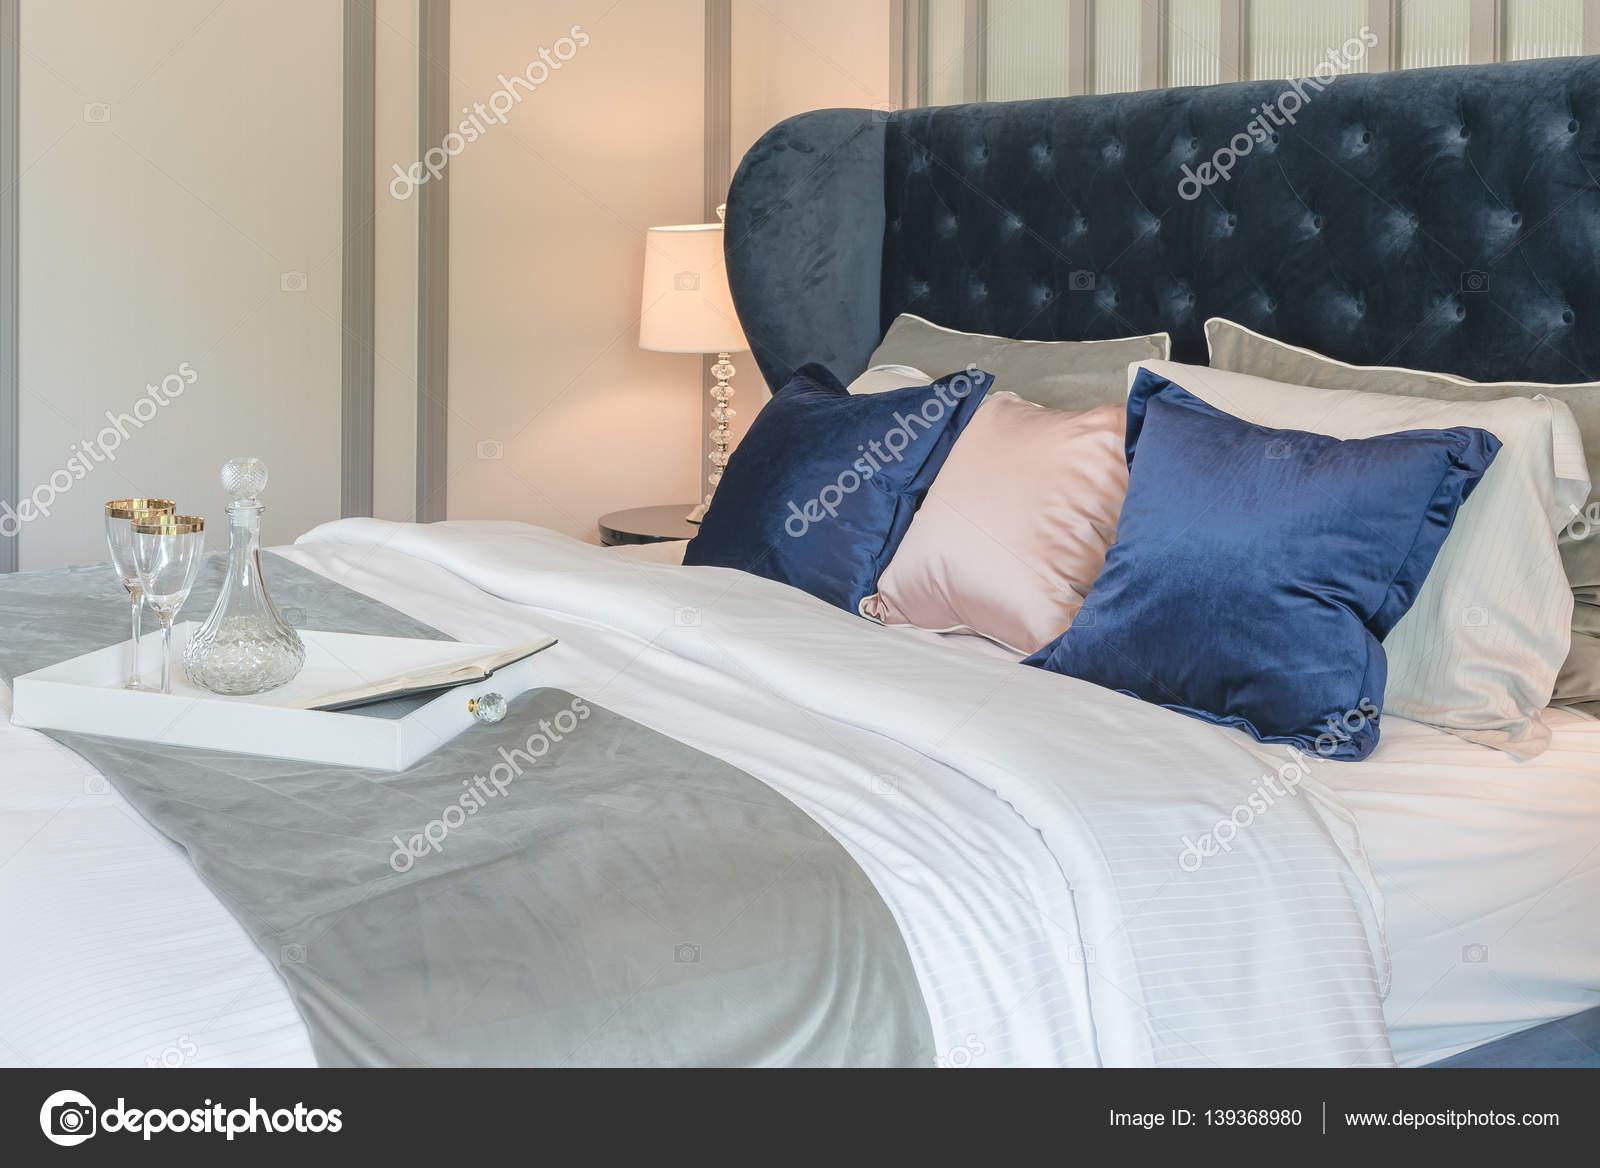 Letti Classici Di Lusso : Camera da letto di lusso con letto classico in stile u foto stock